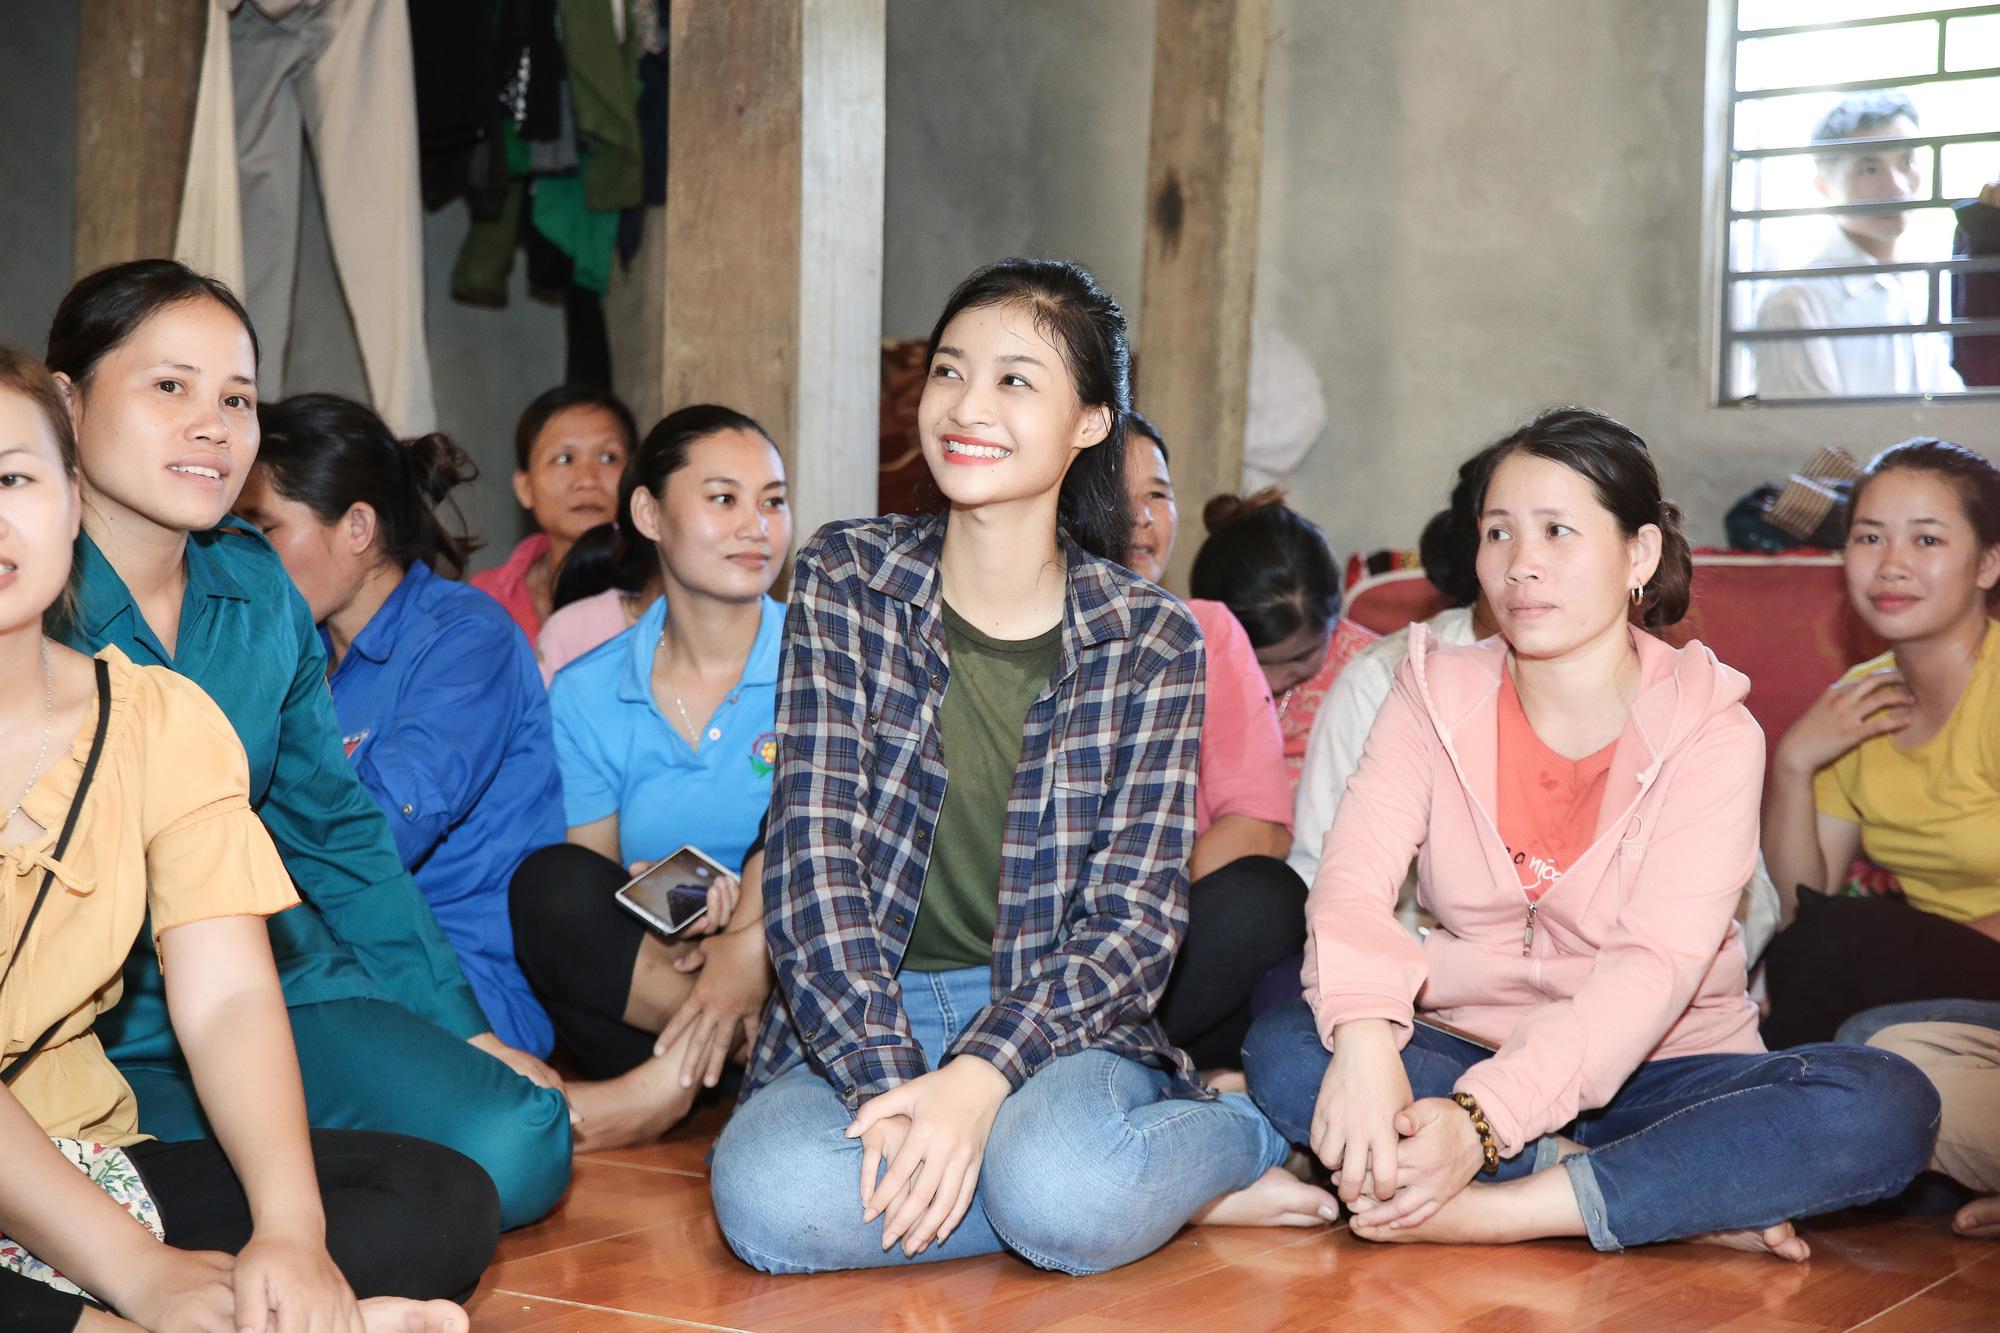 3 Hoa hậu xinh đẹp nói điều xúc động, kêu gọi cứu trợ miền Trung: Đỗ Mỹ Linh, Trần Tiểu Vy... - Ảnh 4.